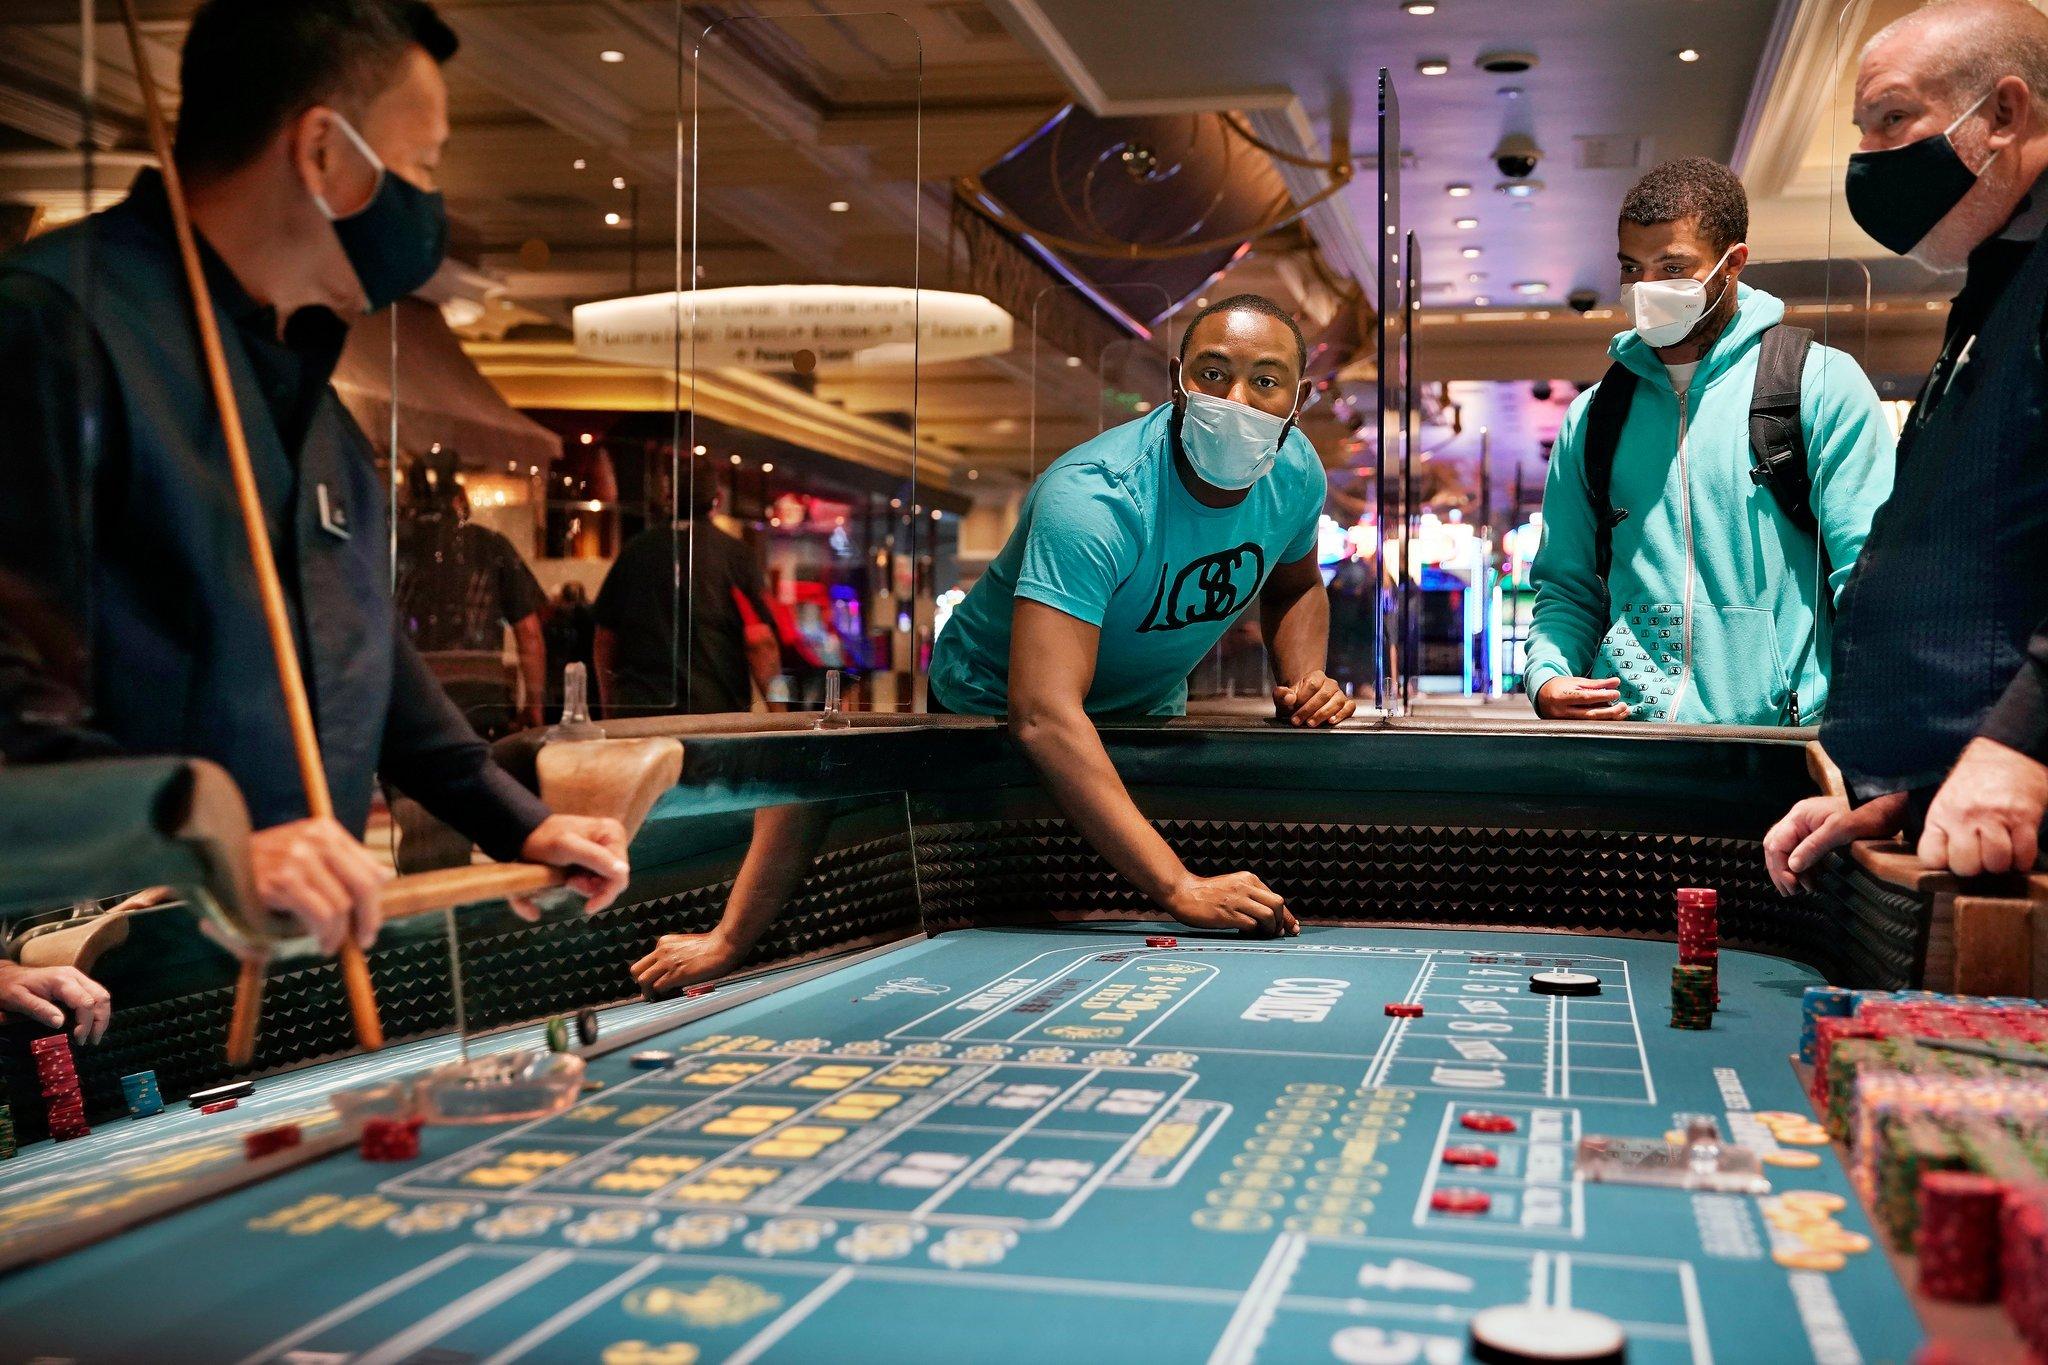 В штате Айова ввели минимальную ставку для сотрудников казино